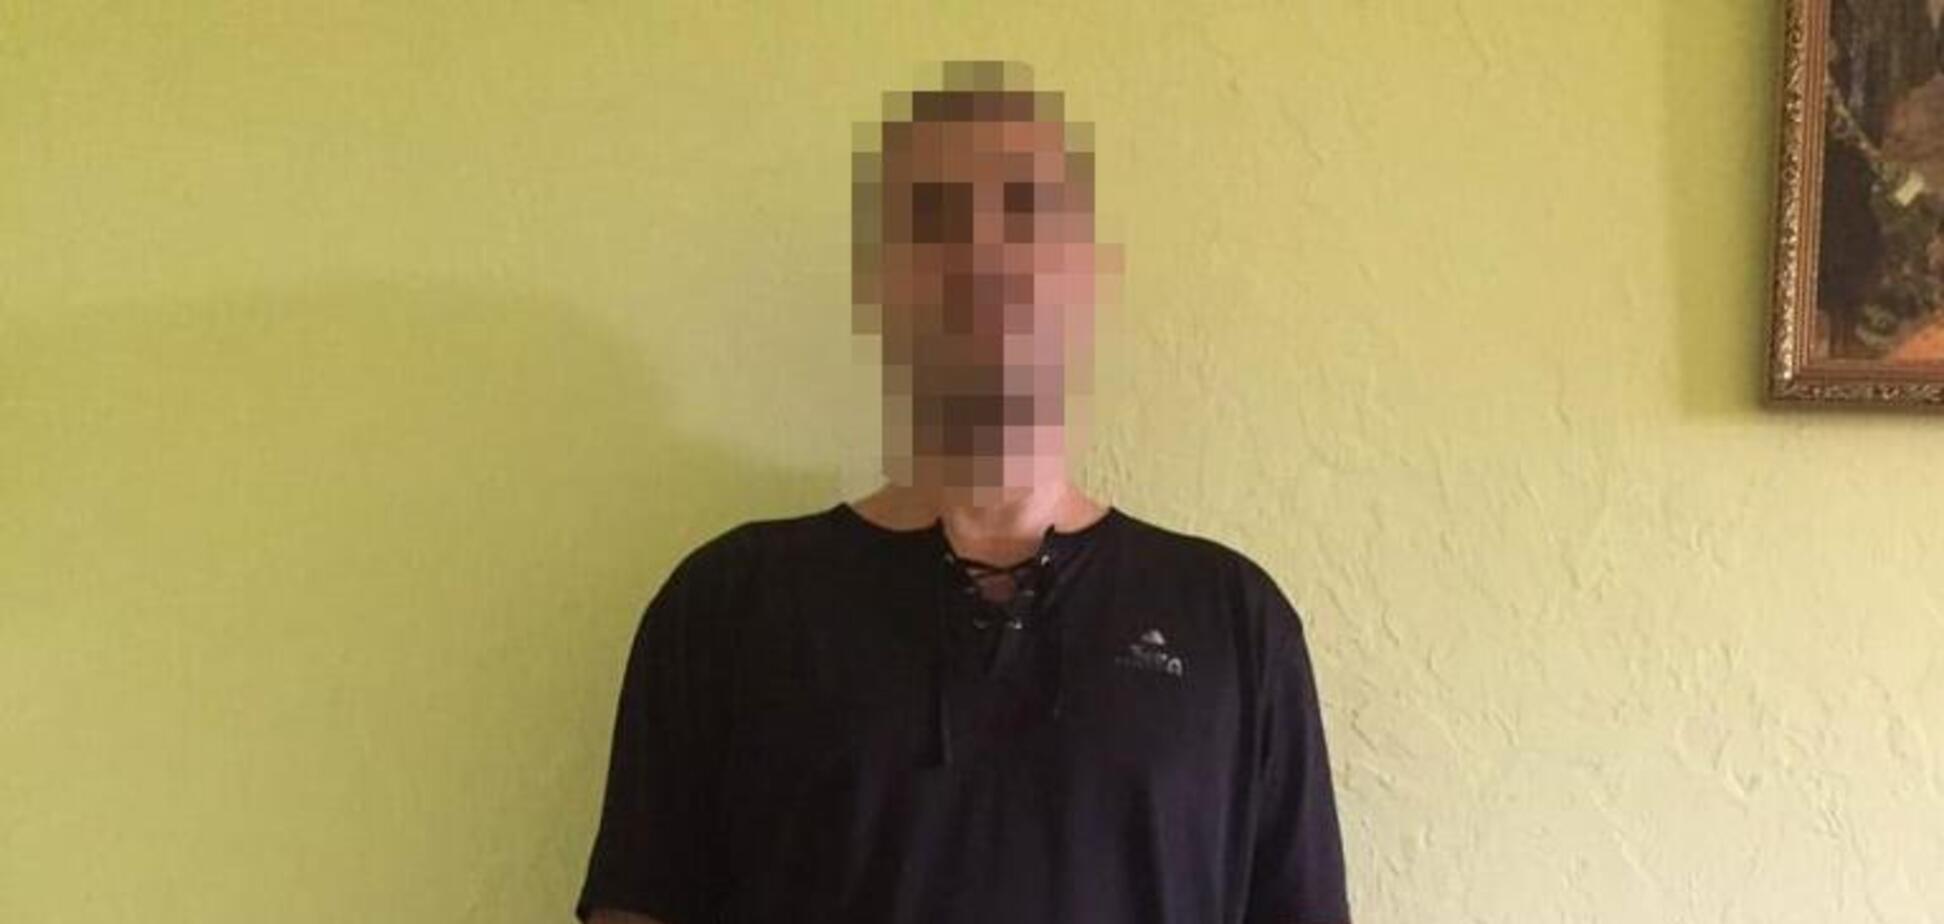 Під Нікополем агресивний чоловік побив поліцейського